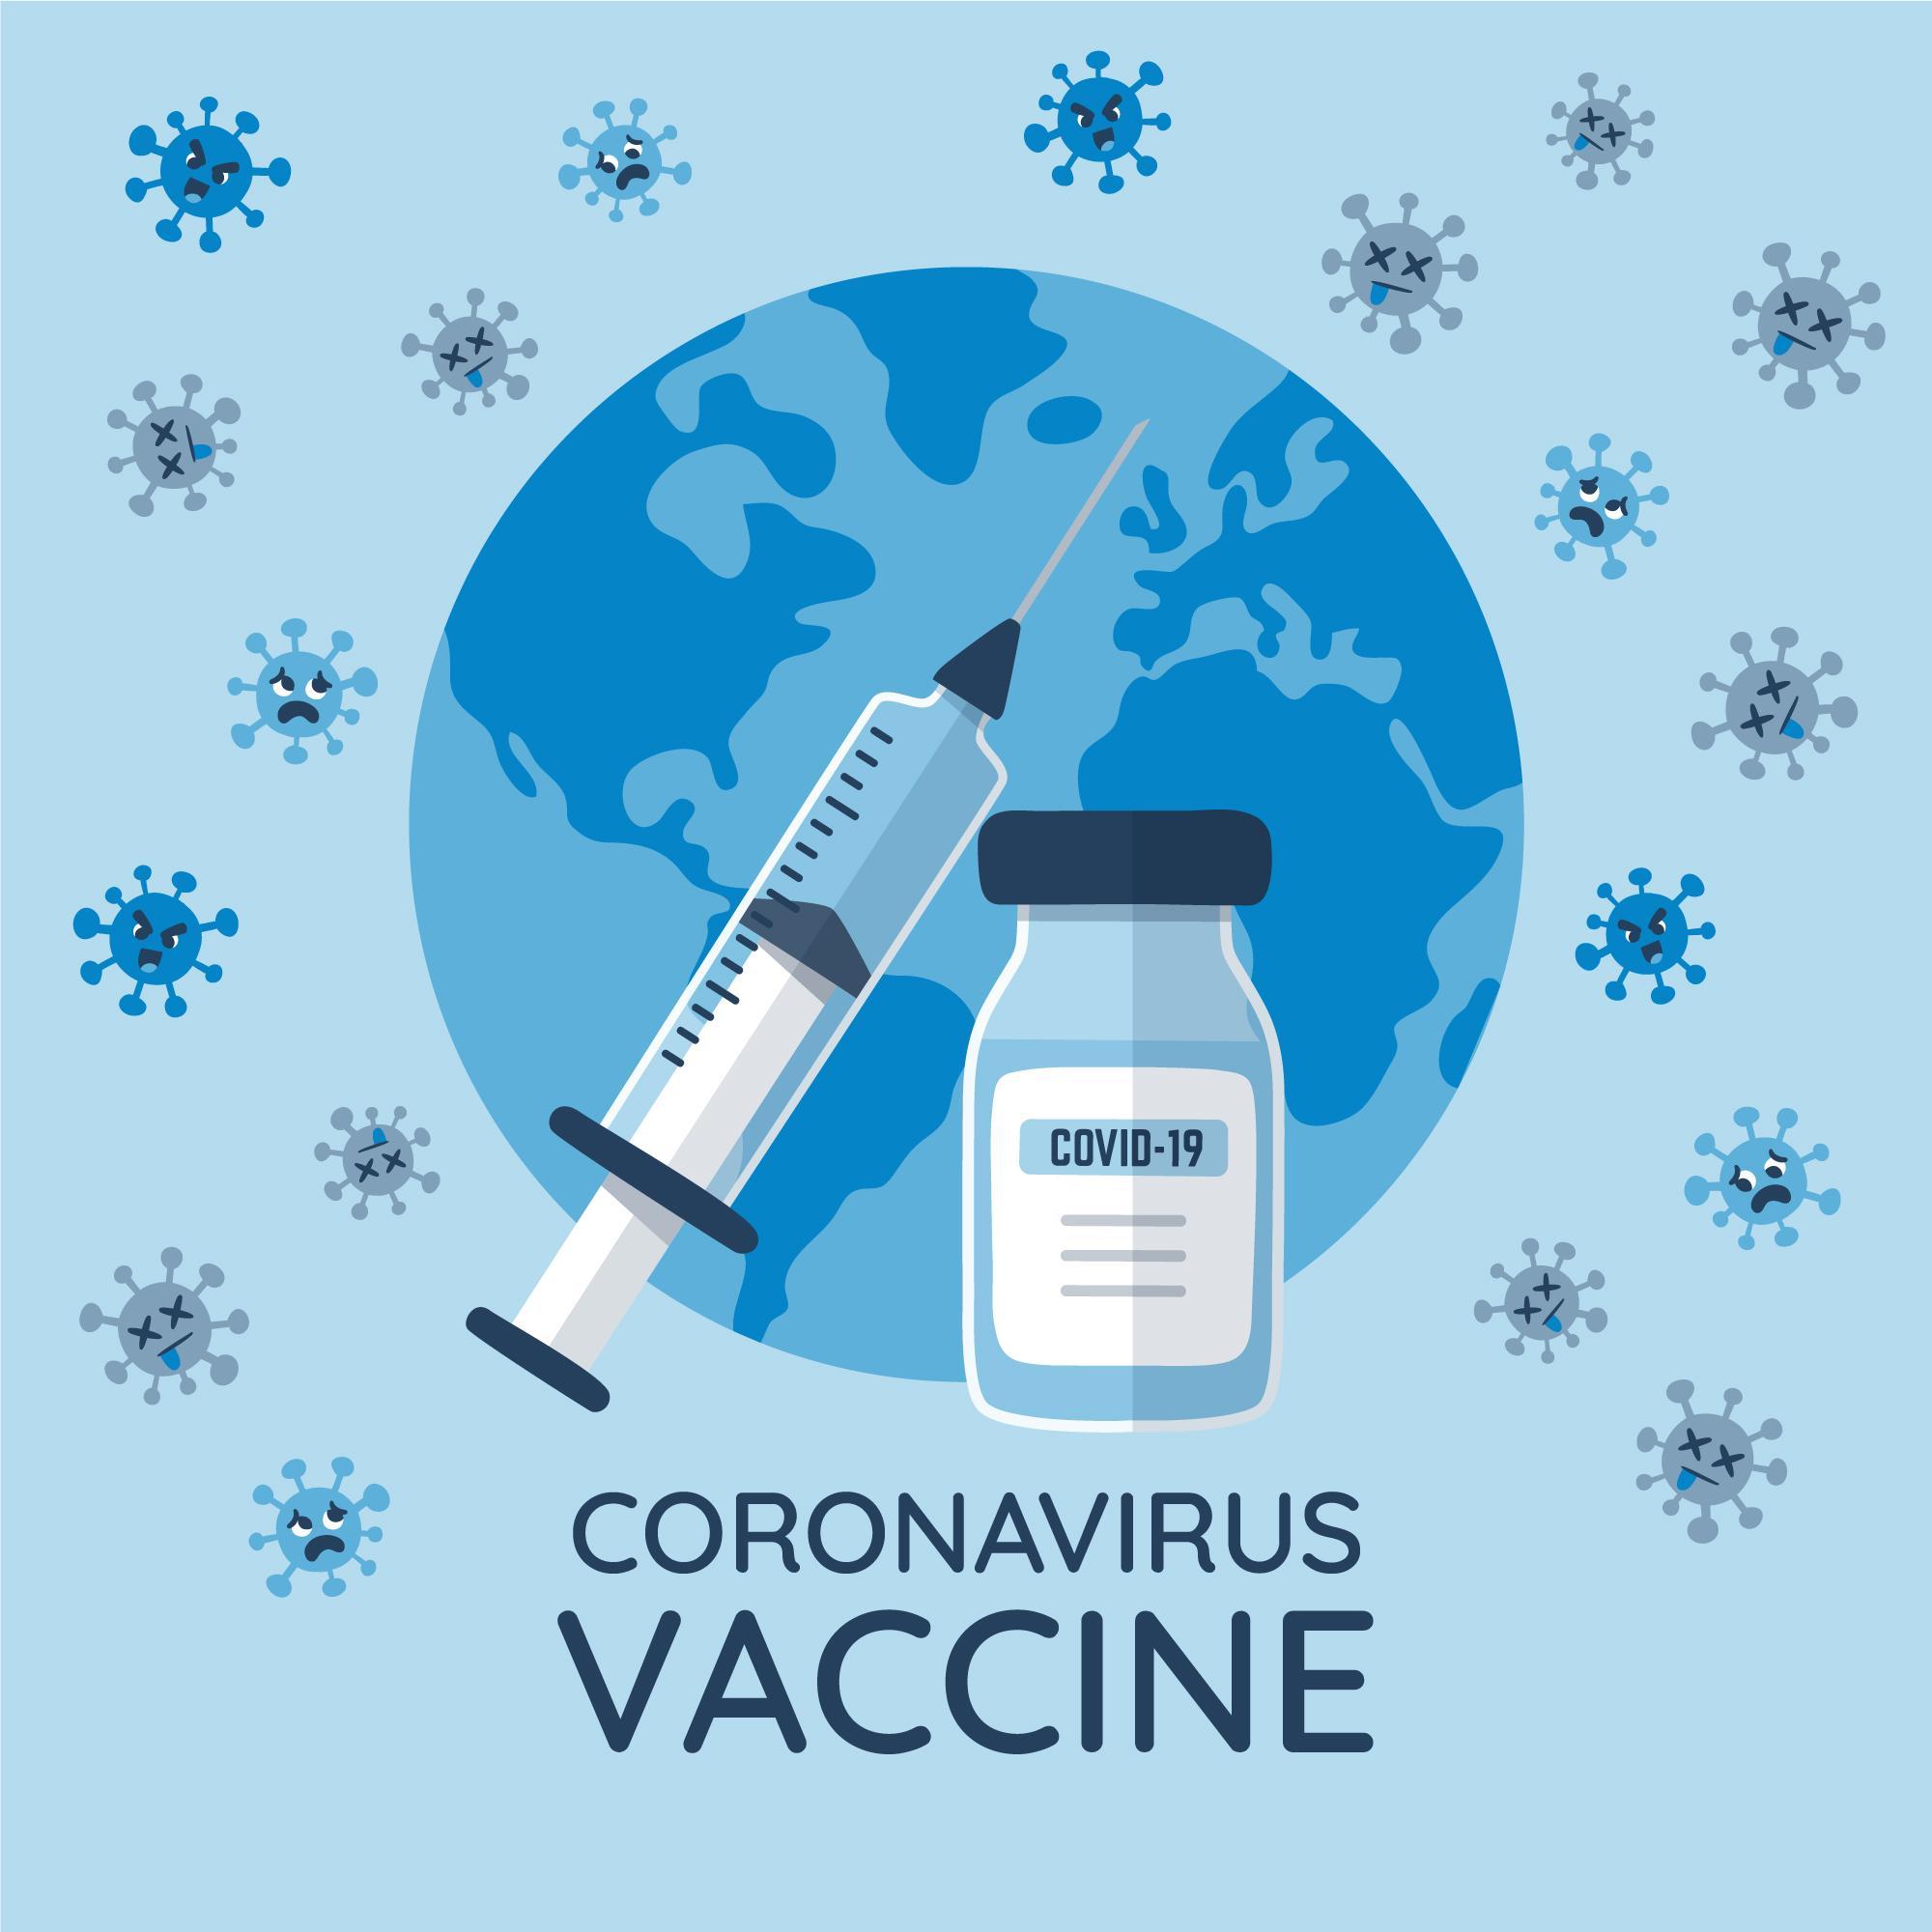 """""""La vacuna mRNA frente a la COVID-19 protege de la infección por el virus con una adecuada seguridad, en pacientes con enfermedades autoinmunes sistémicas, entre ellas el lupus eritematoso sistémico. Los pacientes en tratamiento con grucocorticoides, rituximab, micofenolato de mofetilo, o abatacept, pueden tener algo menos de respuesta protectora, pero también suele ser suficiente."""""""